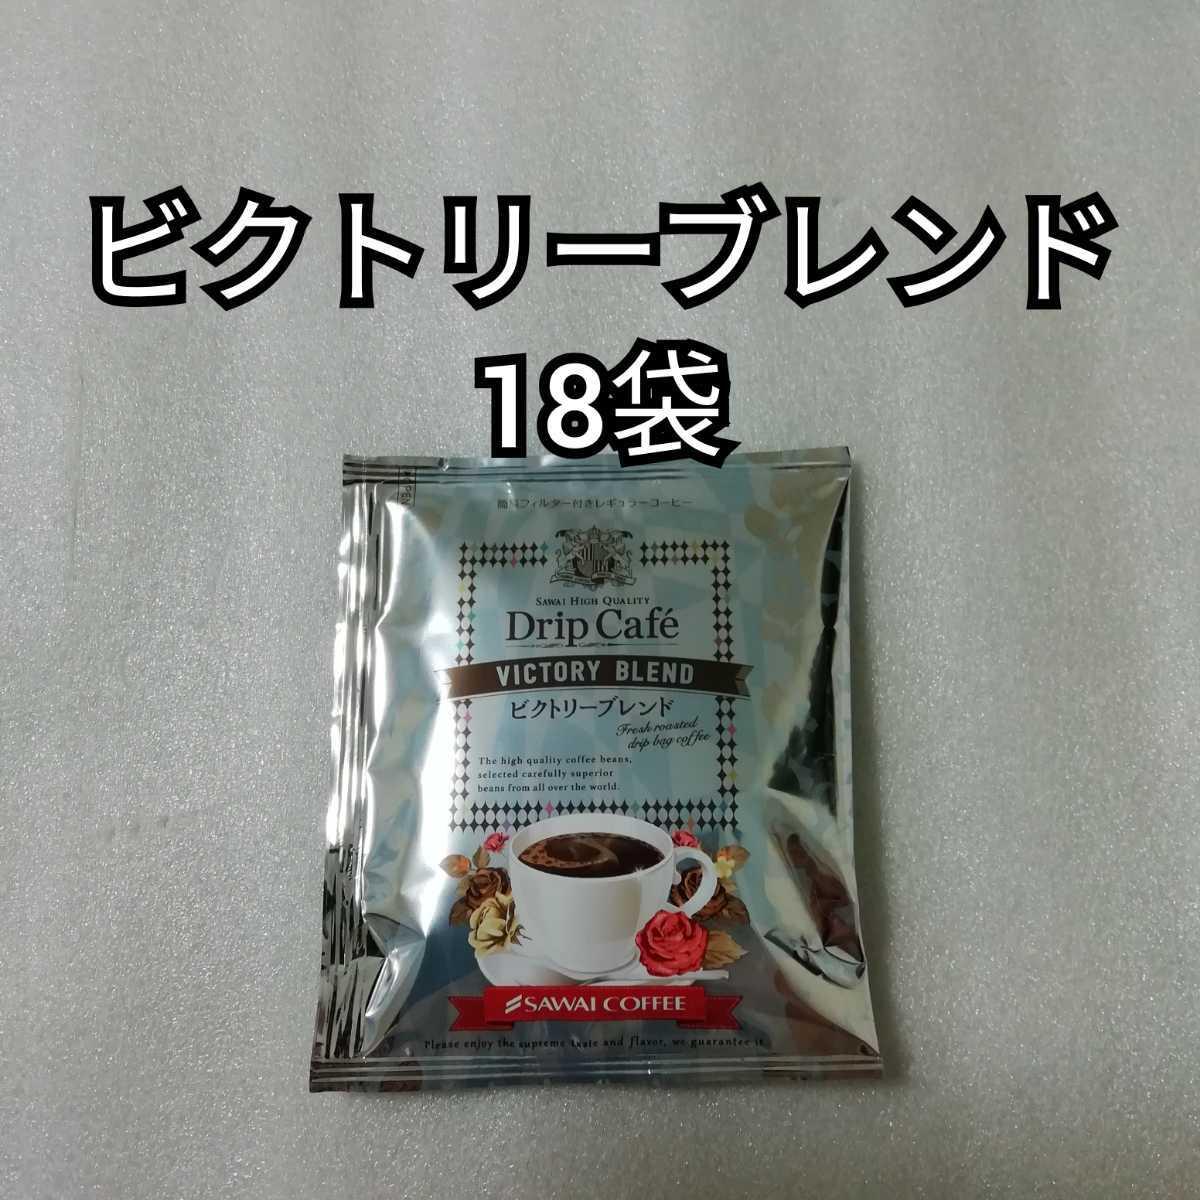 ビクトリーブレンド 18袋 澤井珈琲 ドリップコーヒー 送料無料 ①_画像1